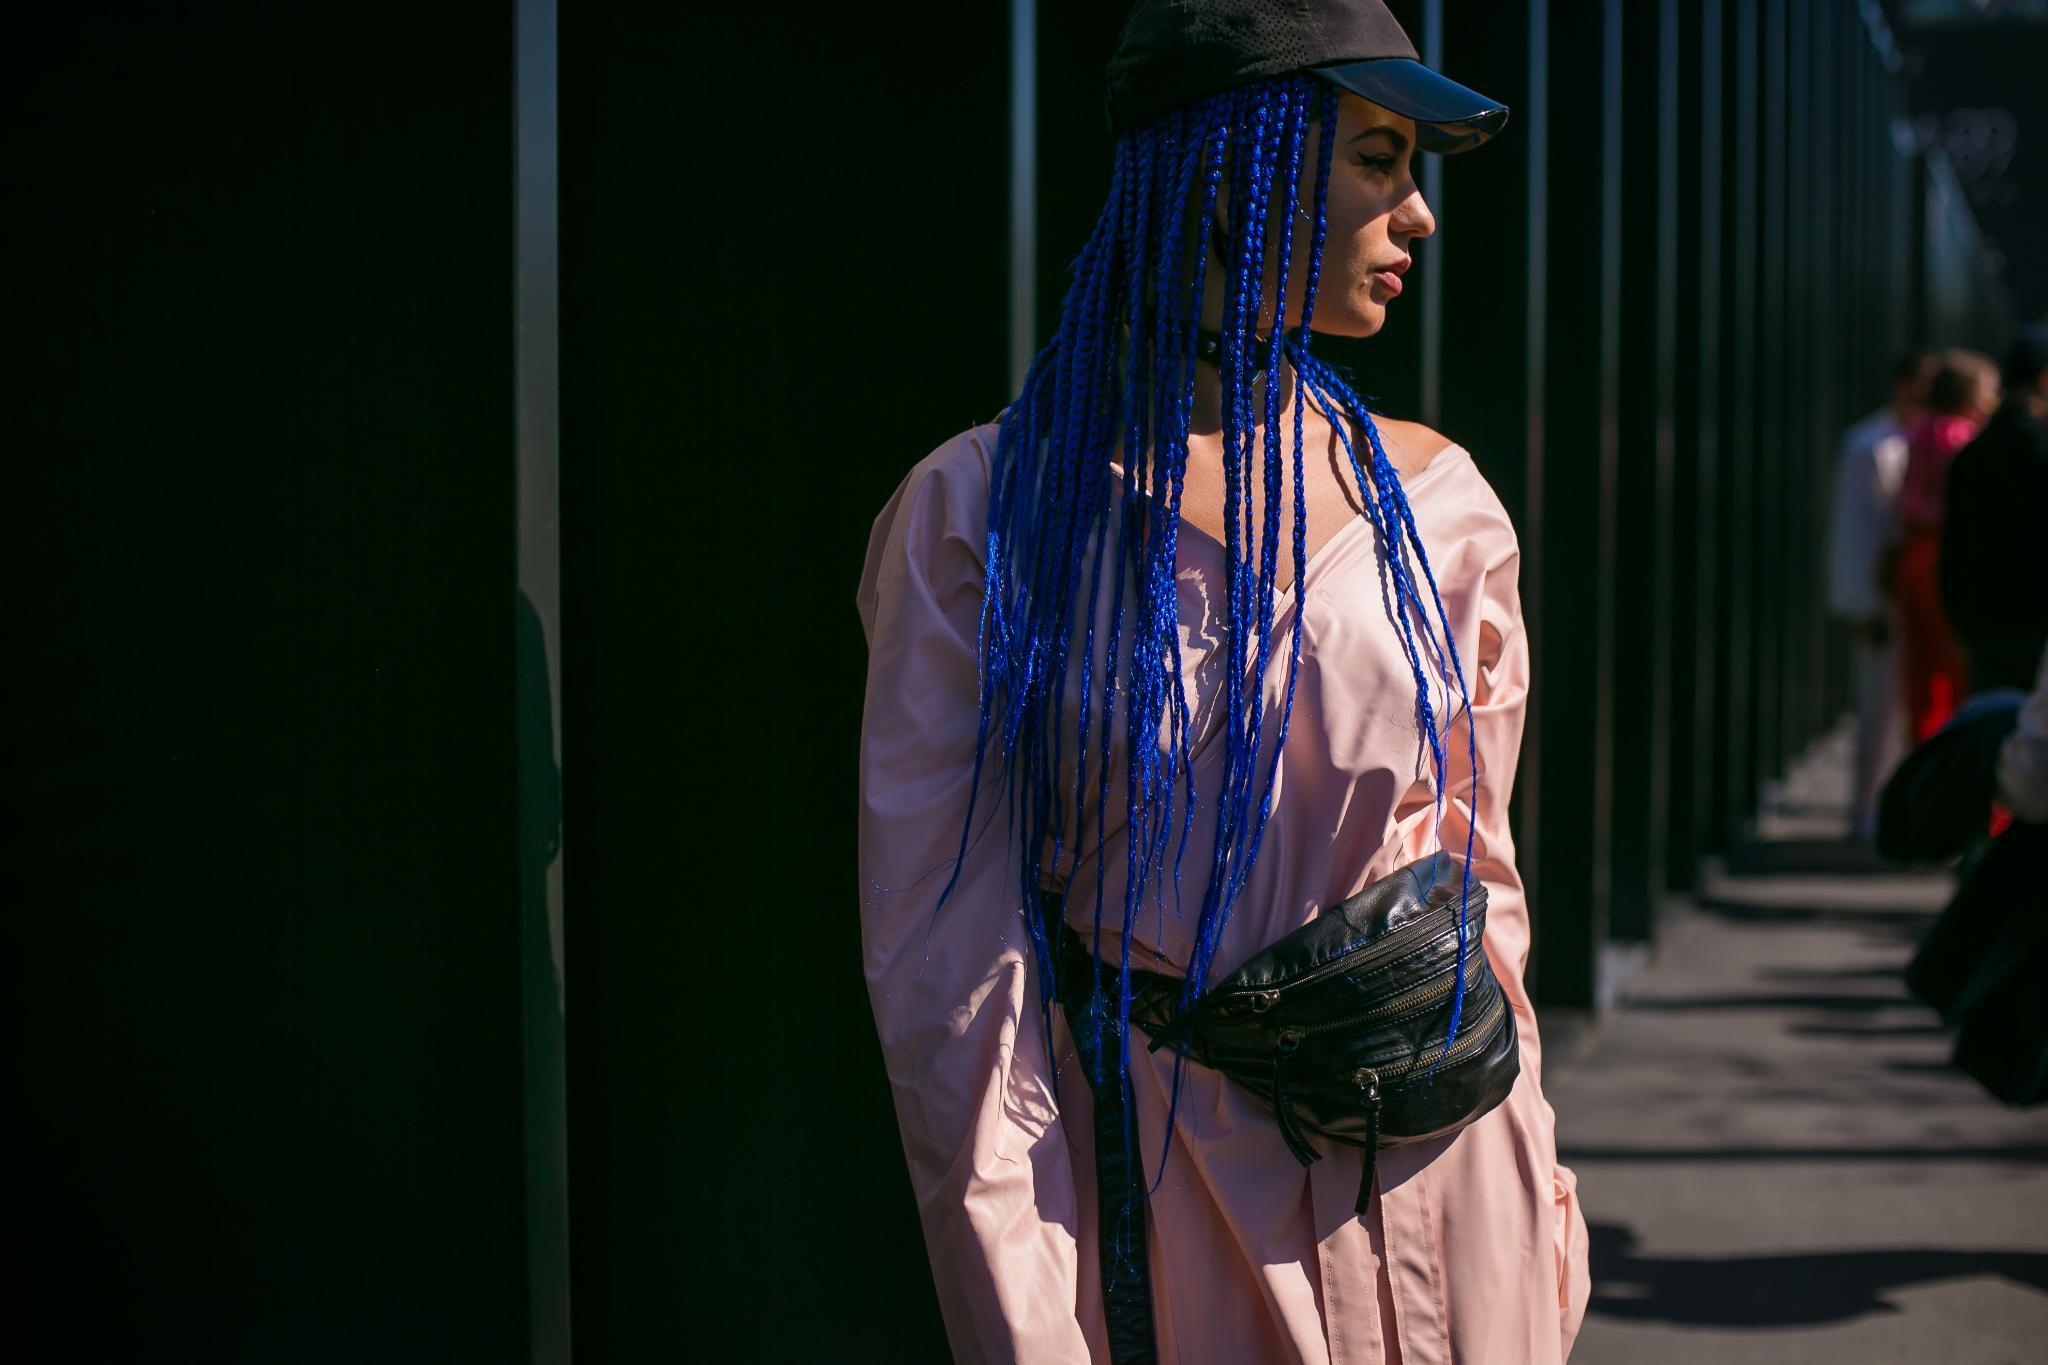 pelo largo azul tintura con trencitas gorro accesorio